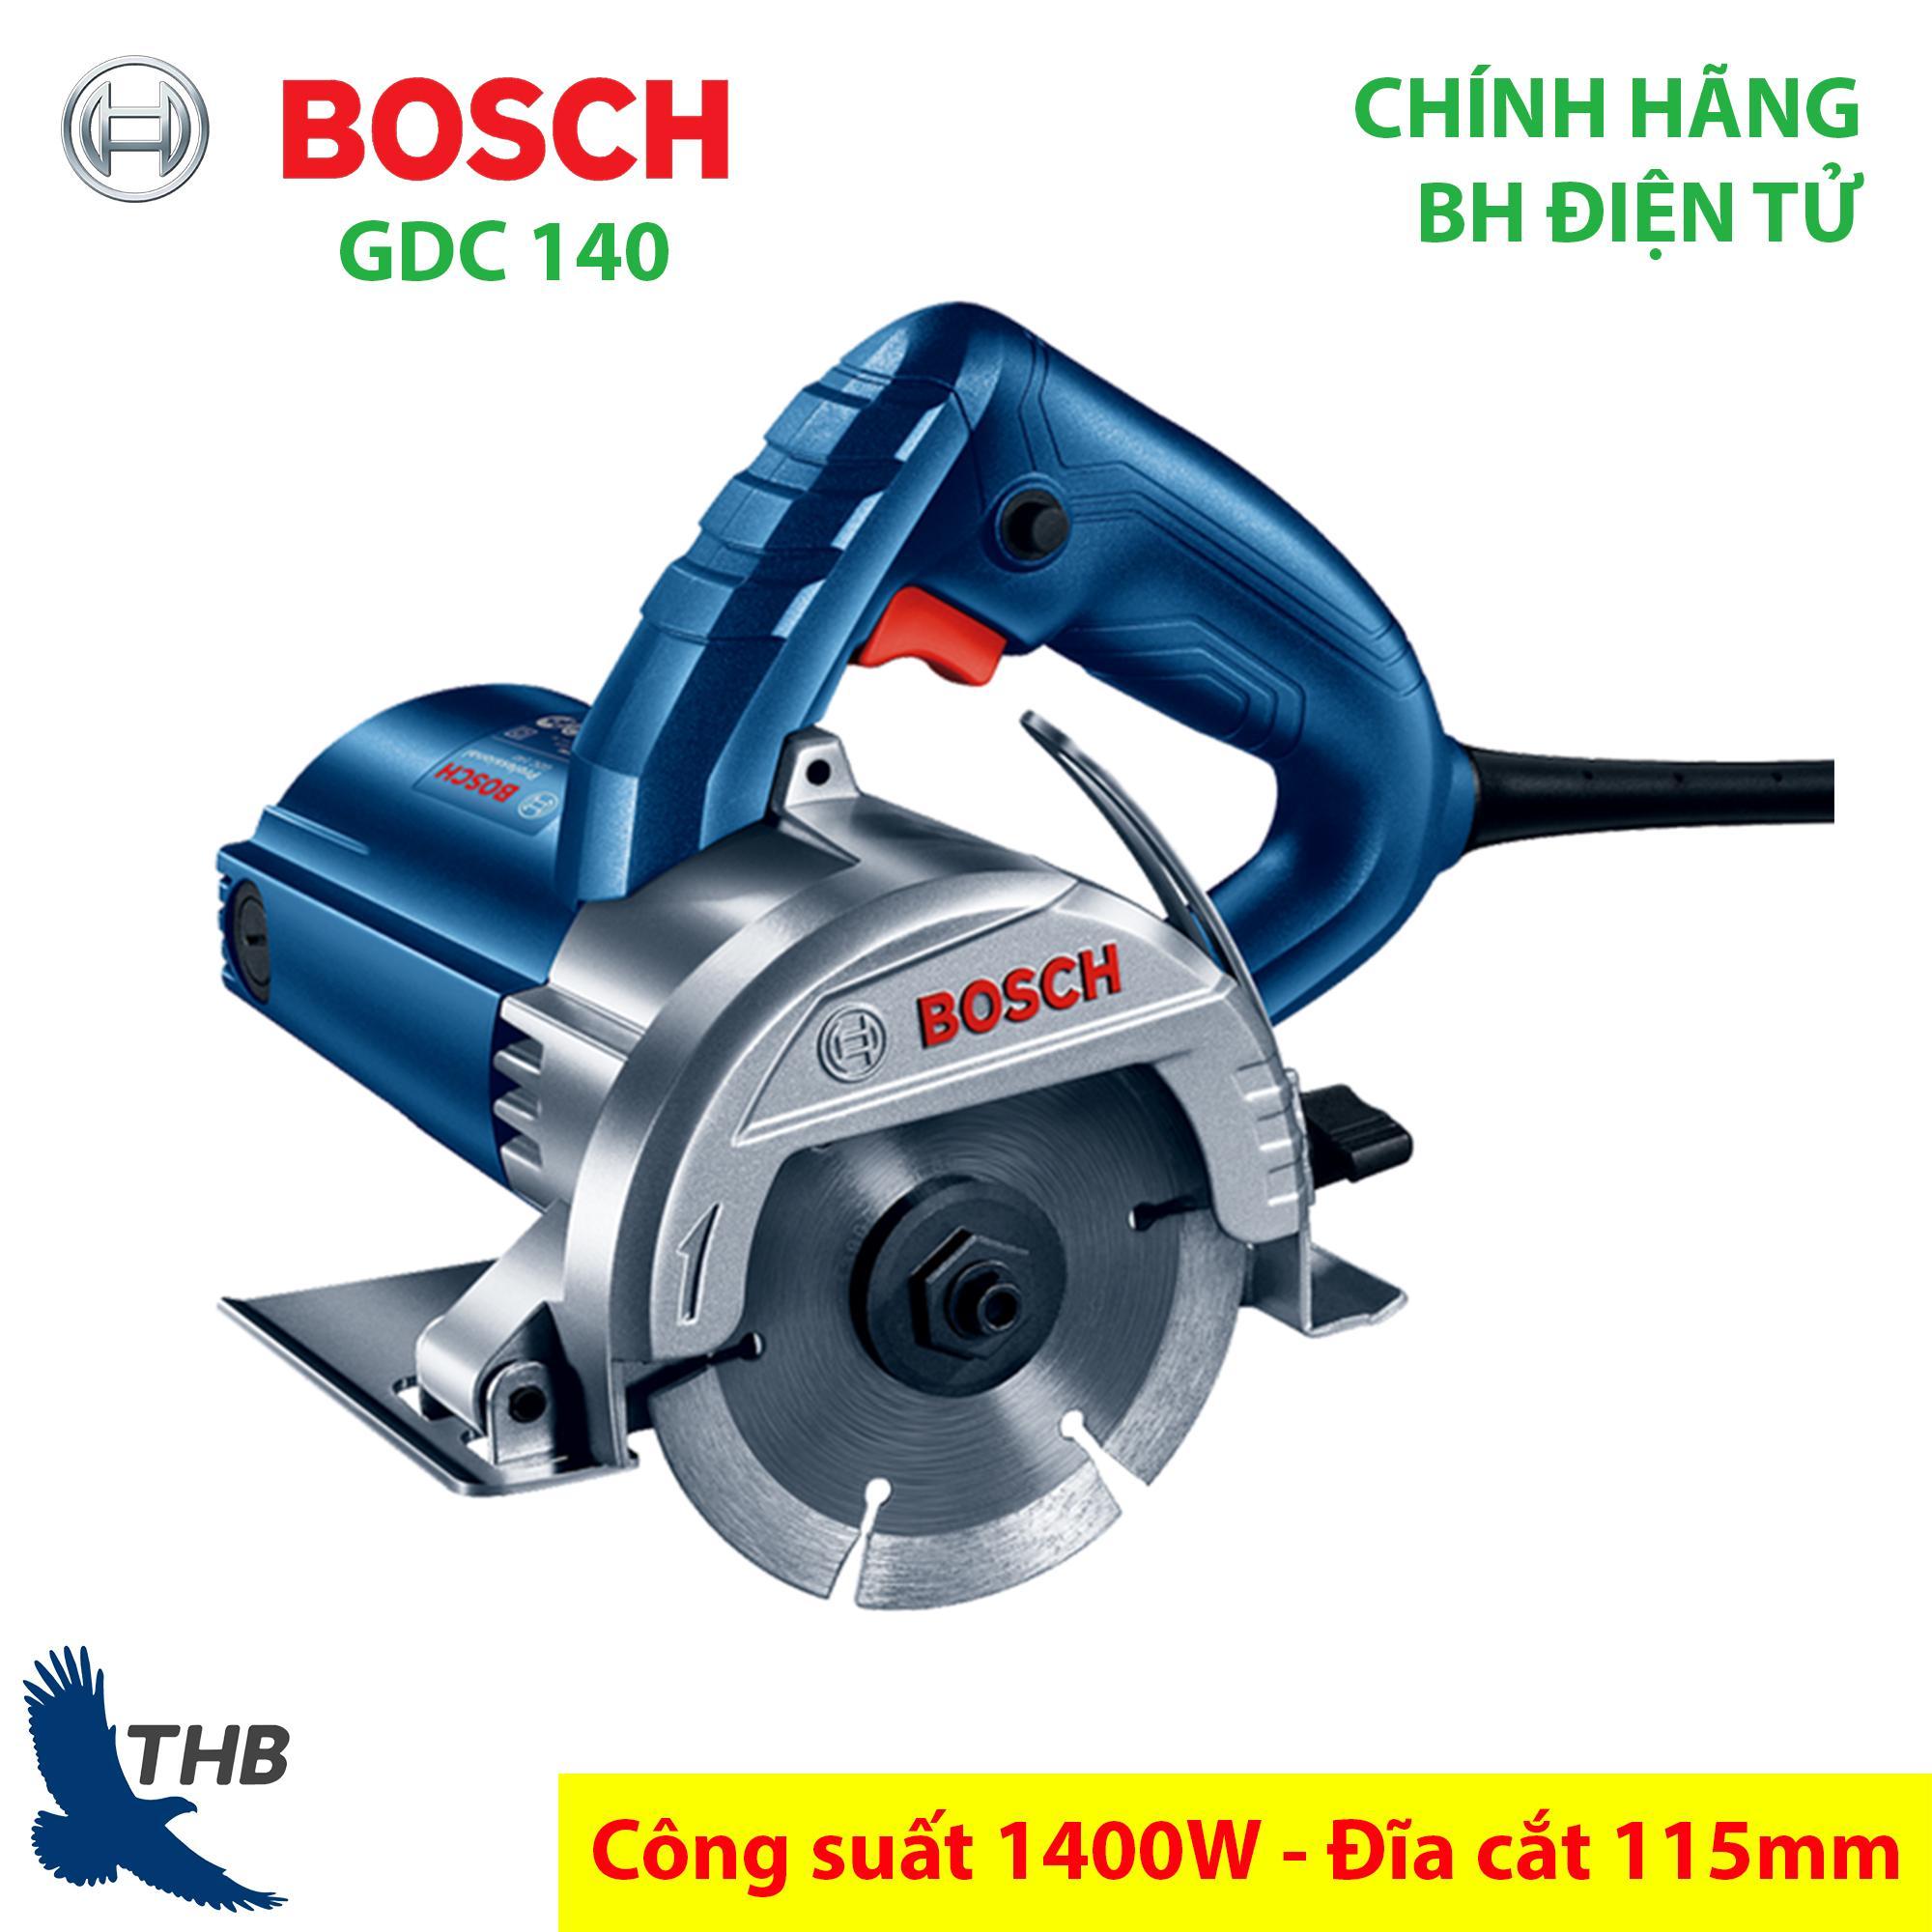 Máy cắt gạch, máy cắt gạch men, máy cắt đá Ceramic, Máy cắt gạch giá rẻ Bosch chính hãng GDC 140 ( đĩa cắt 115mm, bảo hành điện tử 6 tháng, công suất 1400W) Dòng máy mới 2019 của Bosch